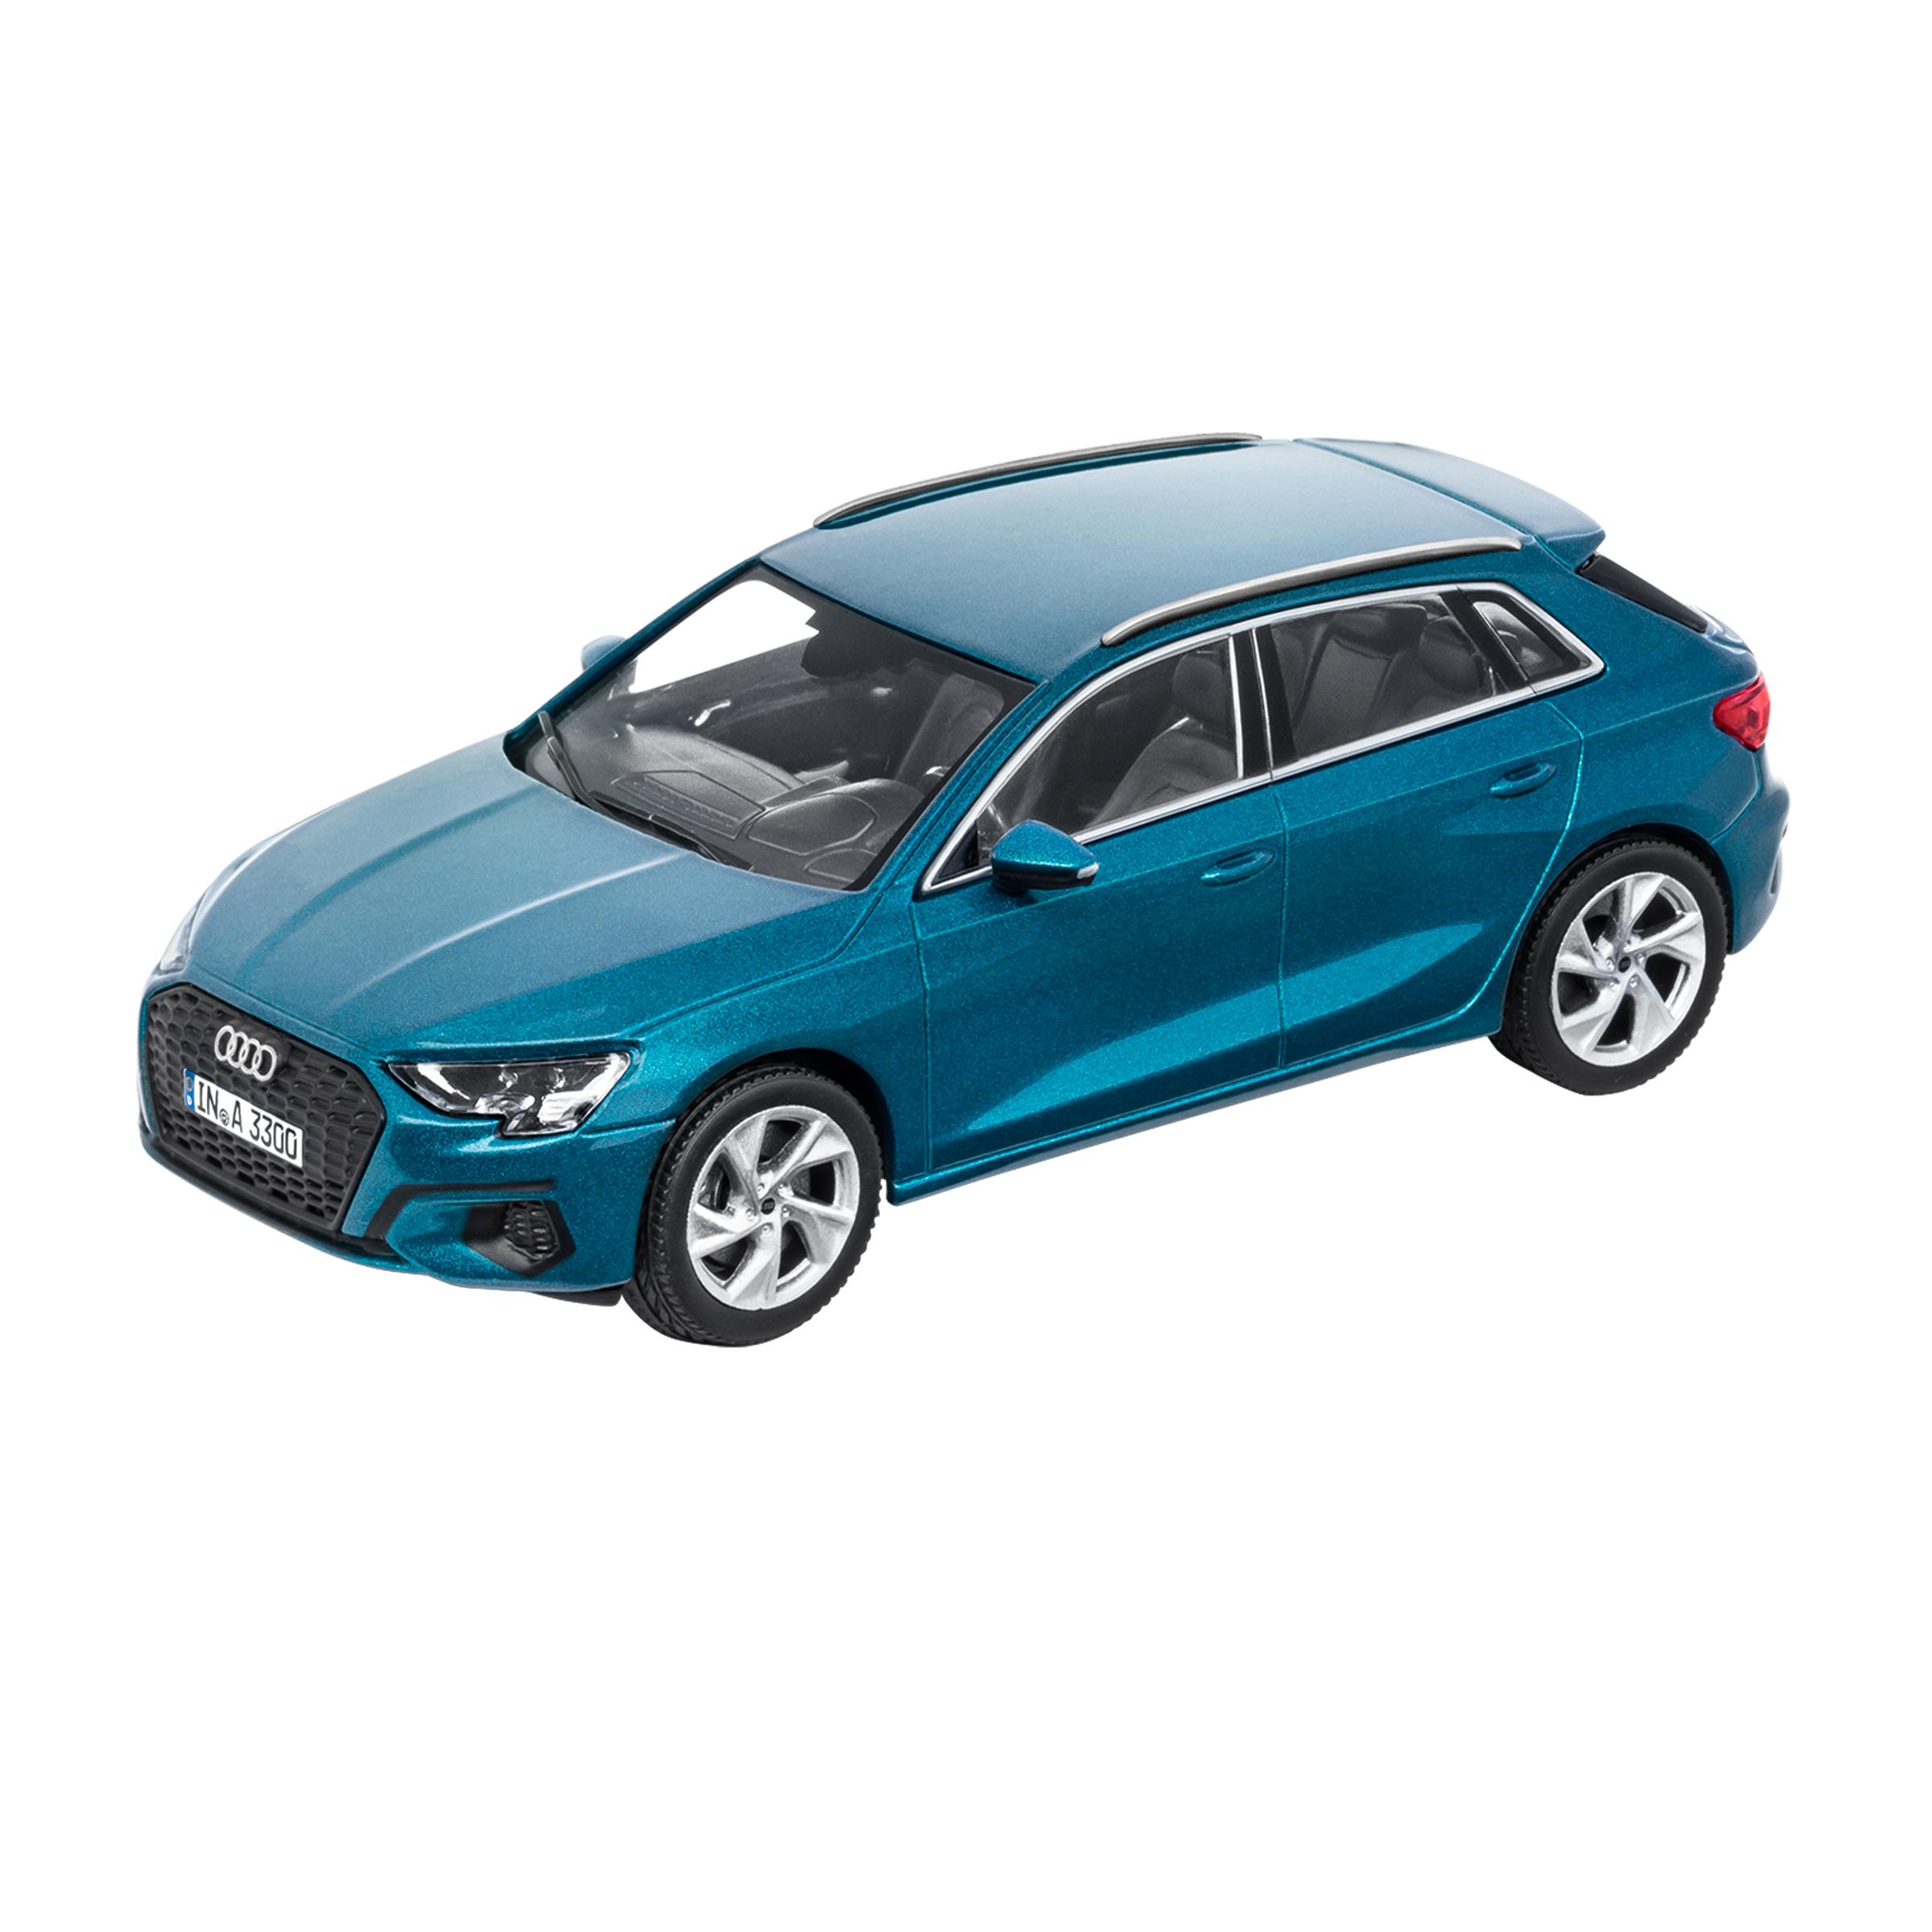 Audi A3 Sportback Atollblau 1:43 Modellauto